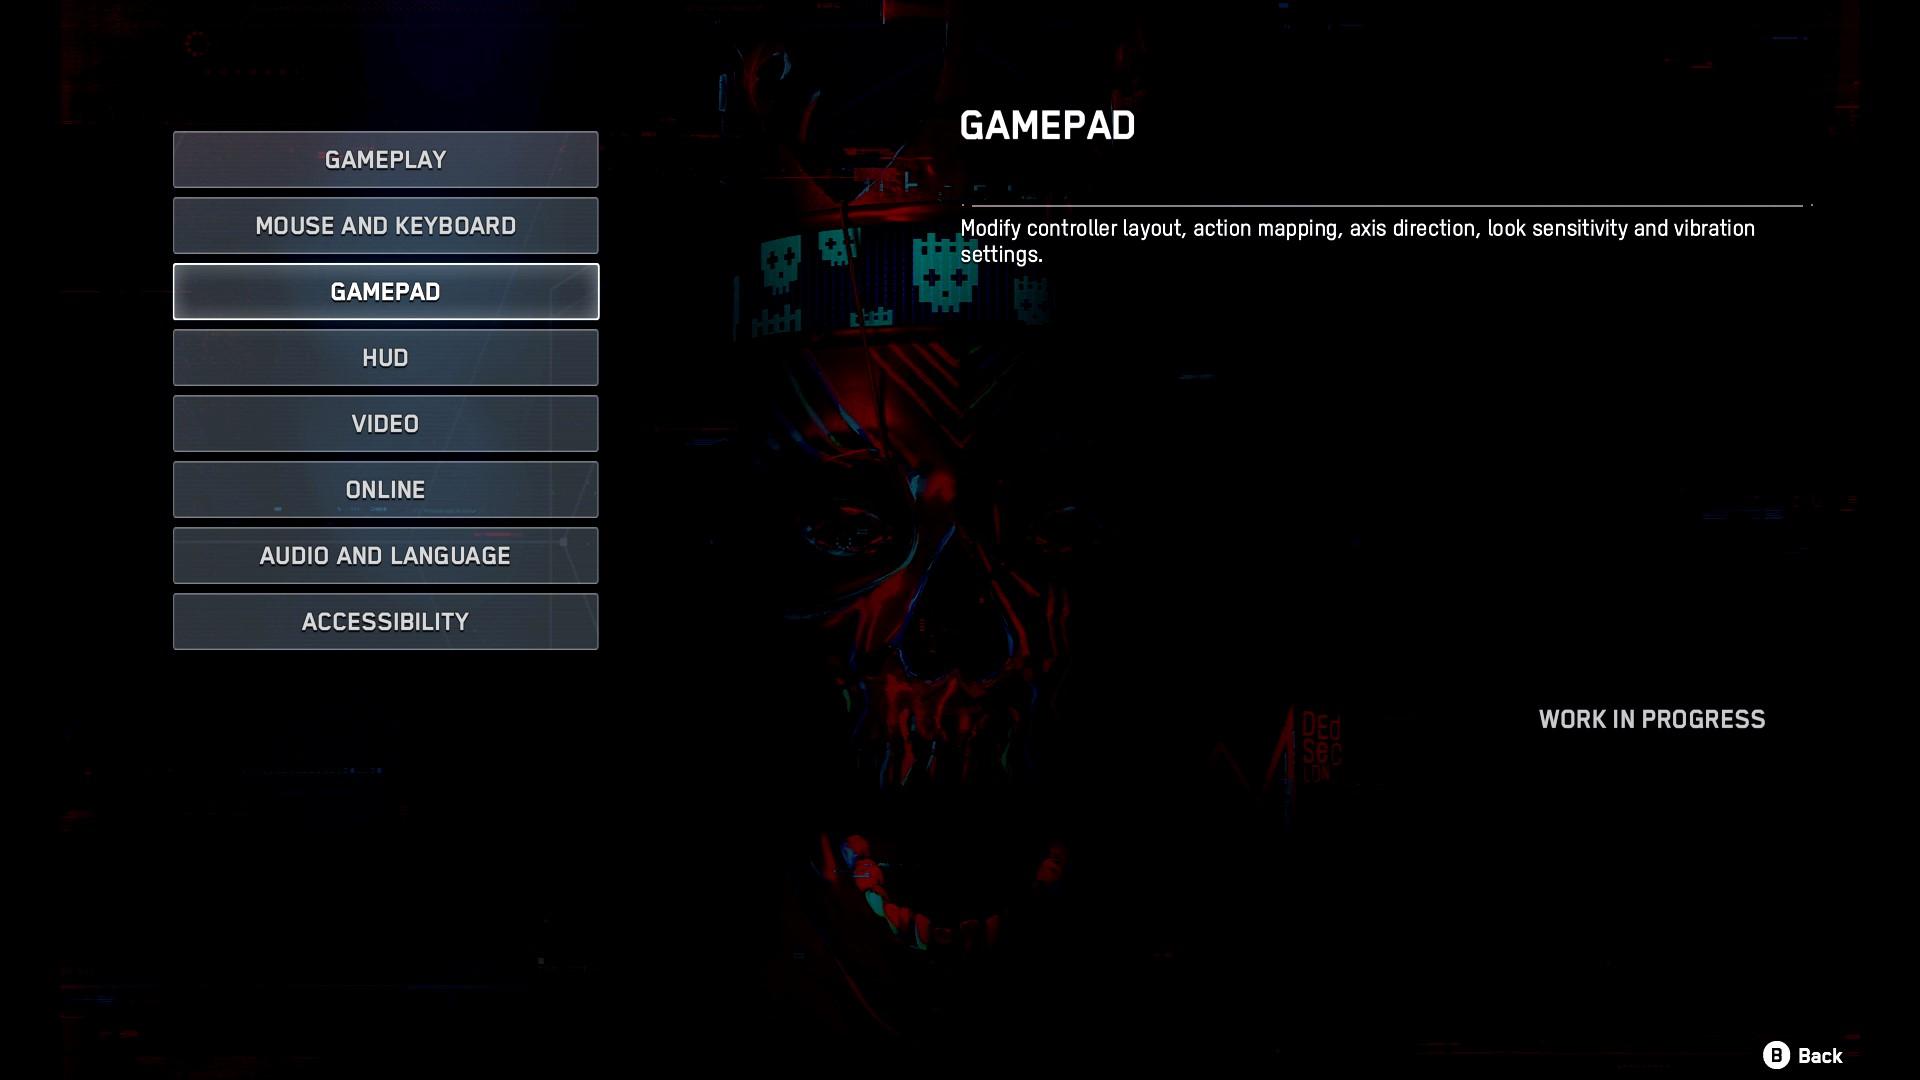 Übersicht über die Optionen. Es gibt: Gameplay, Maus und Tastatur, Gamepad, HUD, Video, Online, Audio und Sprache, Accessibility.